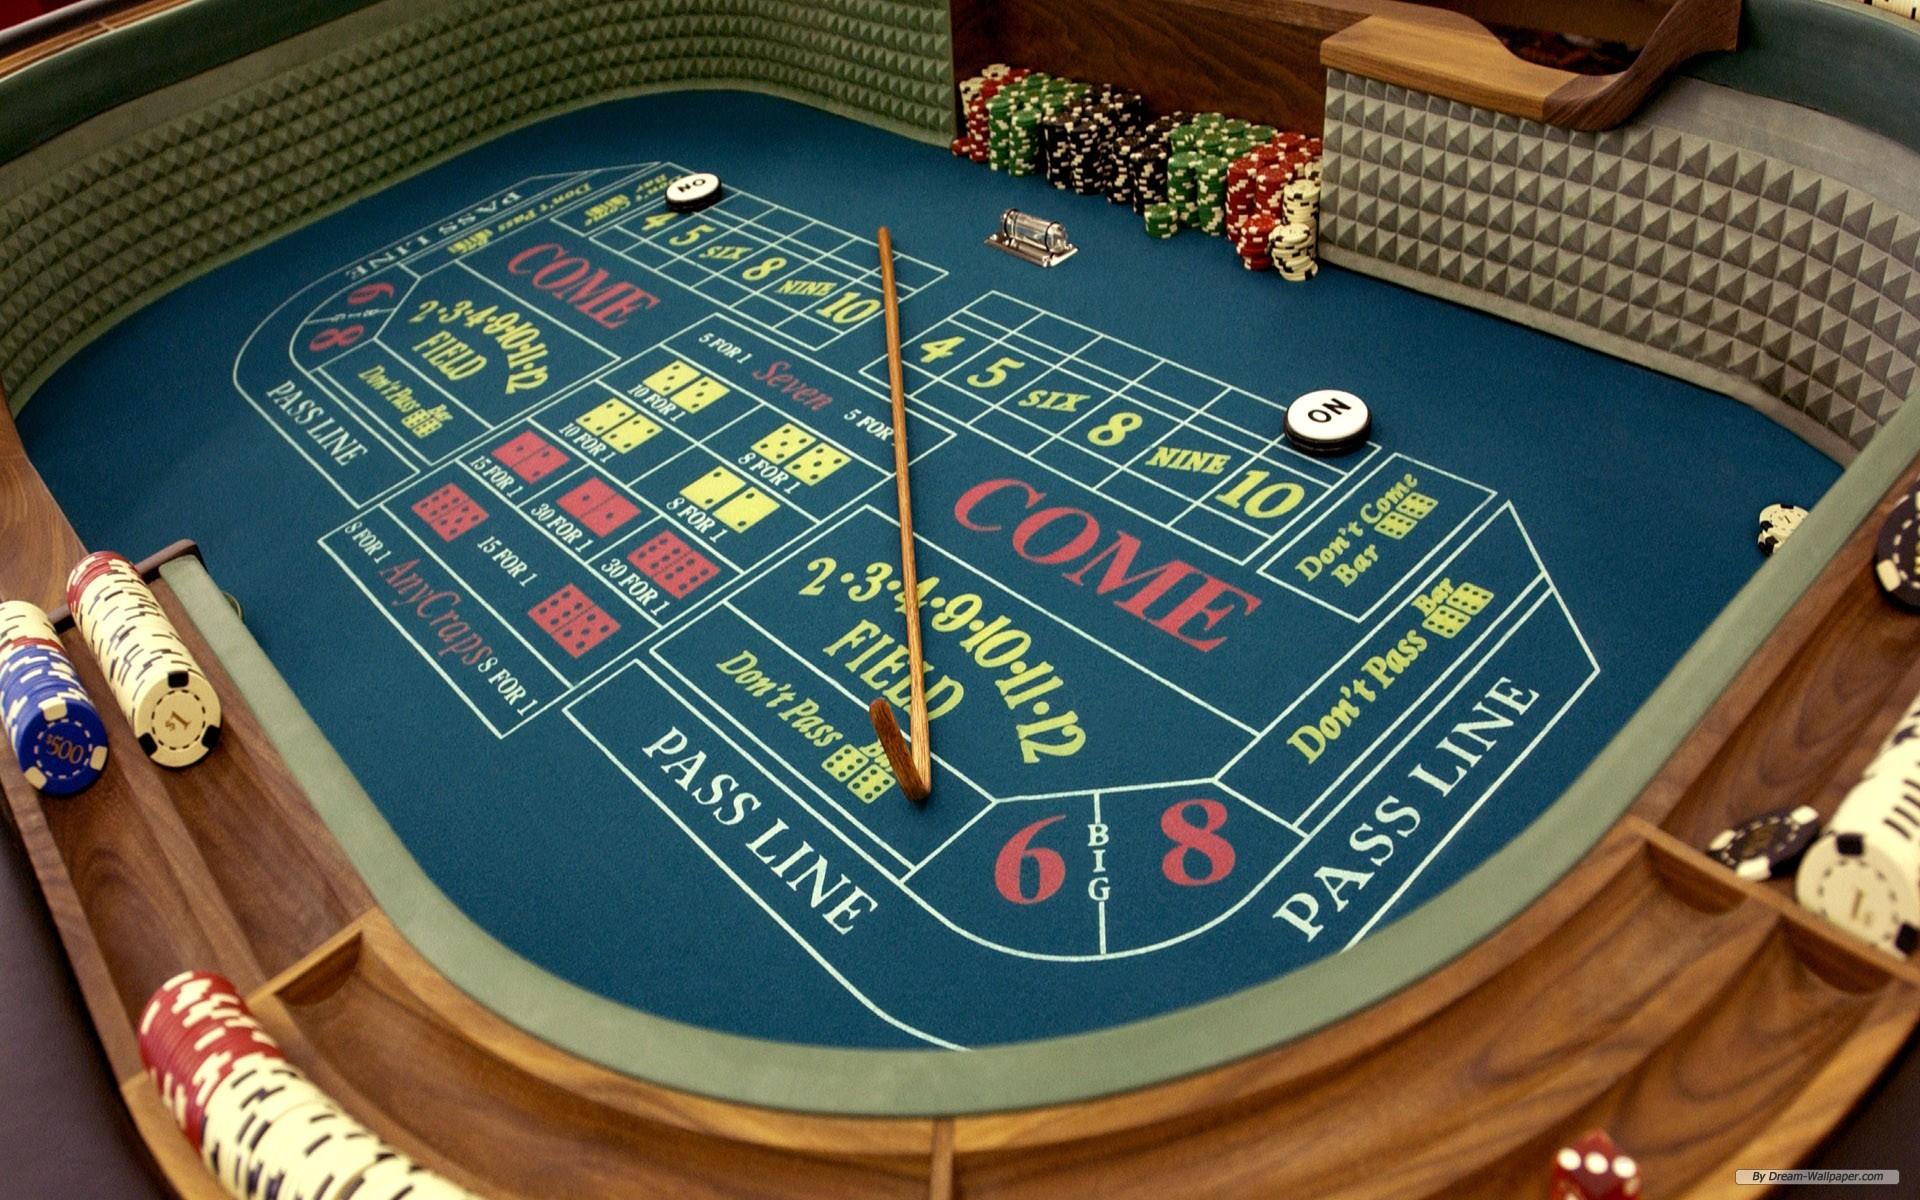 Best Online Casino Bonuses 2020 - No Deposit Bonus Codes